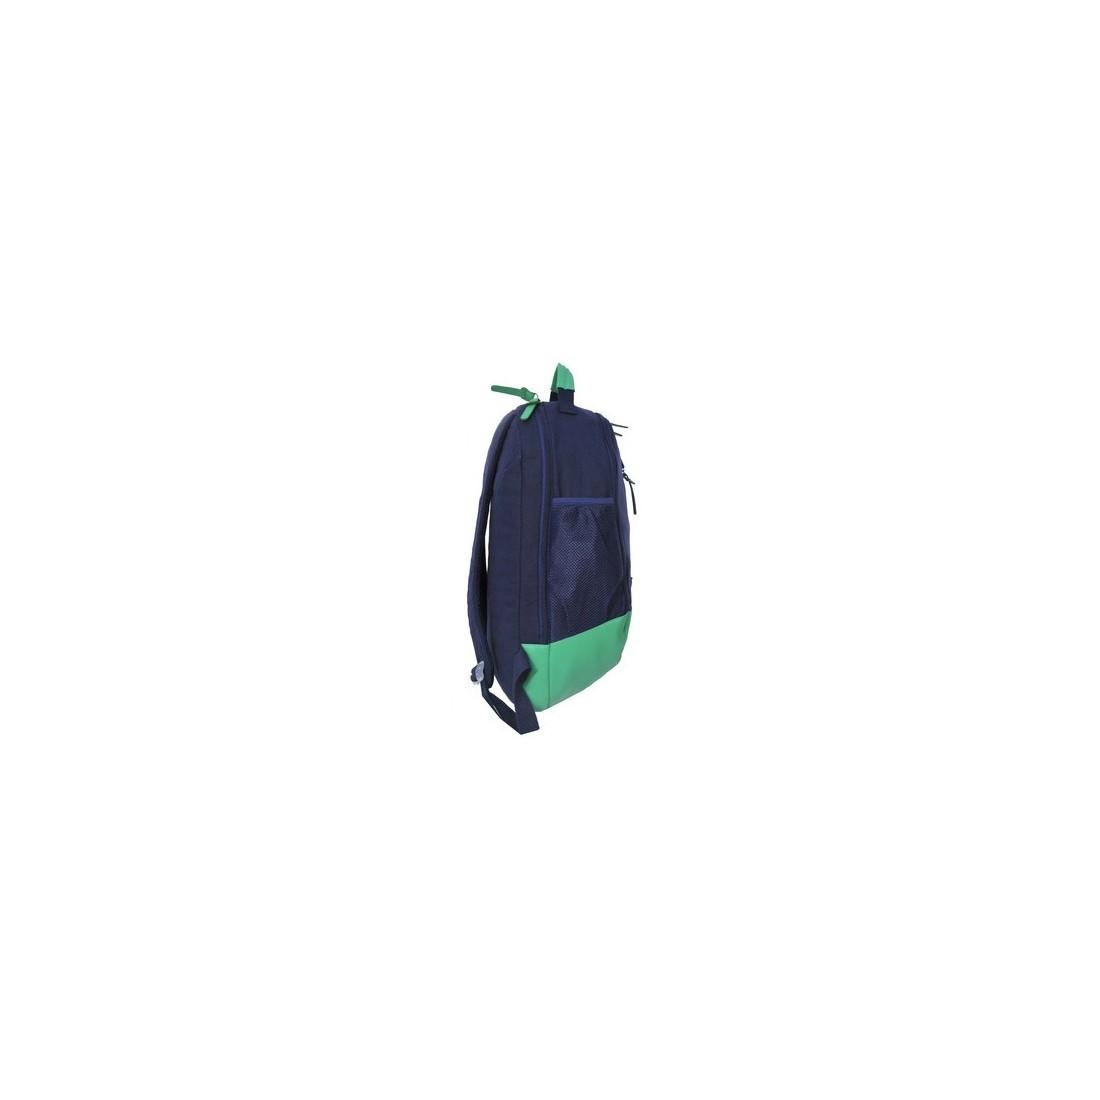 Plecak Młodzieżowy Vintage Granatowy - plecak-tornister.pl